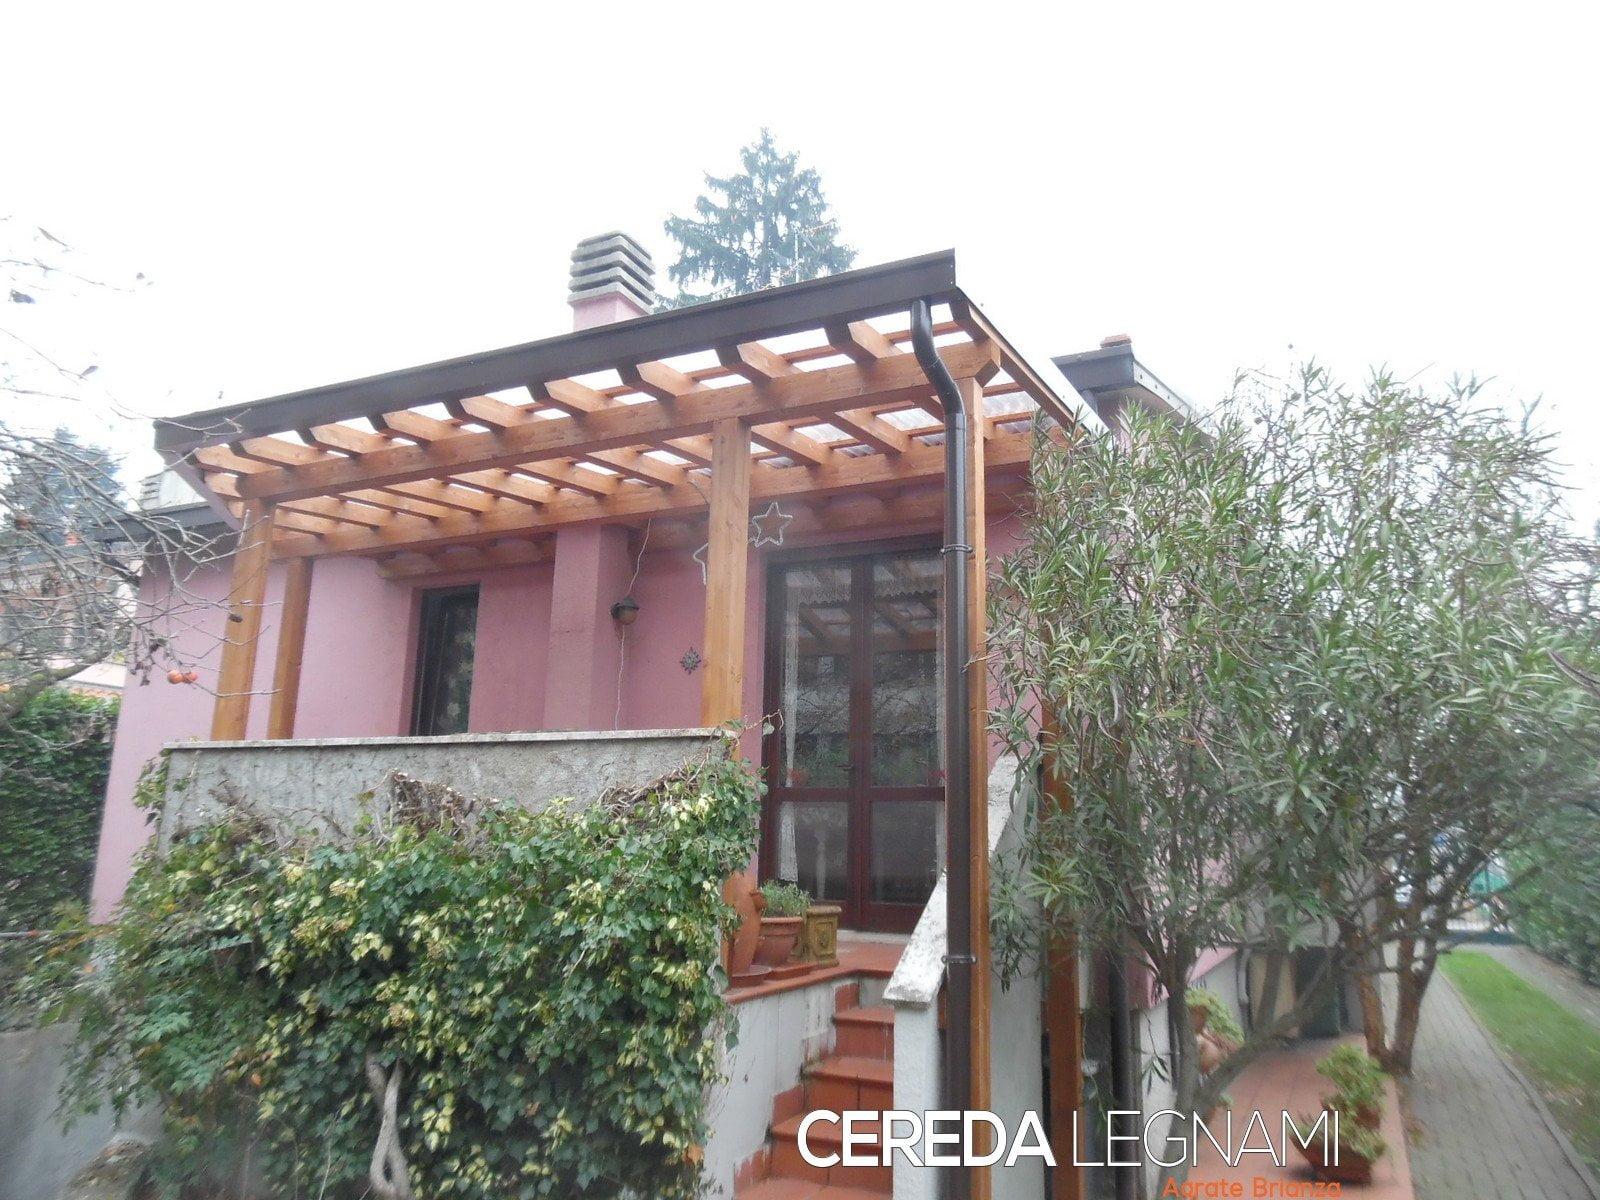 tettoia addossata per balcone o terrazzo - Cereda Legnami Agrate Brianza